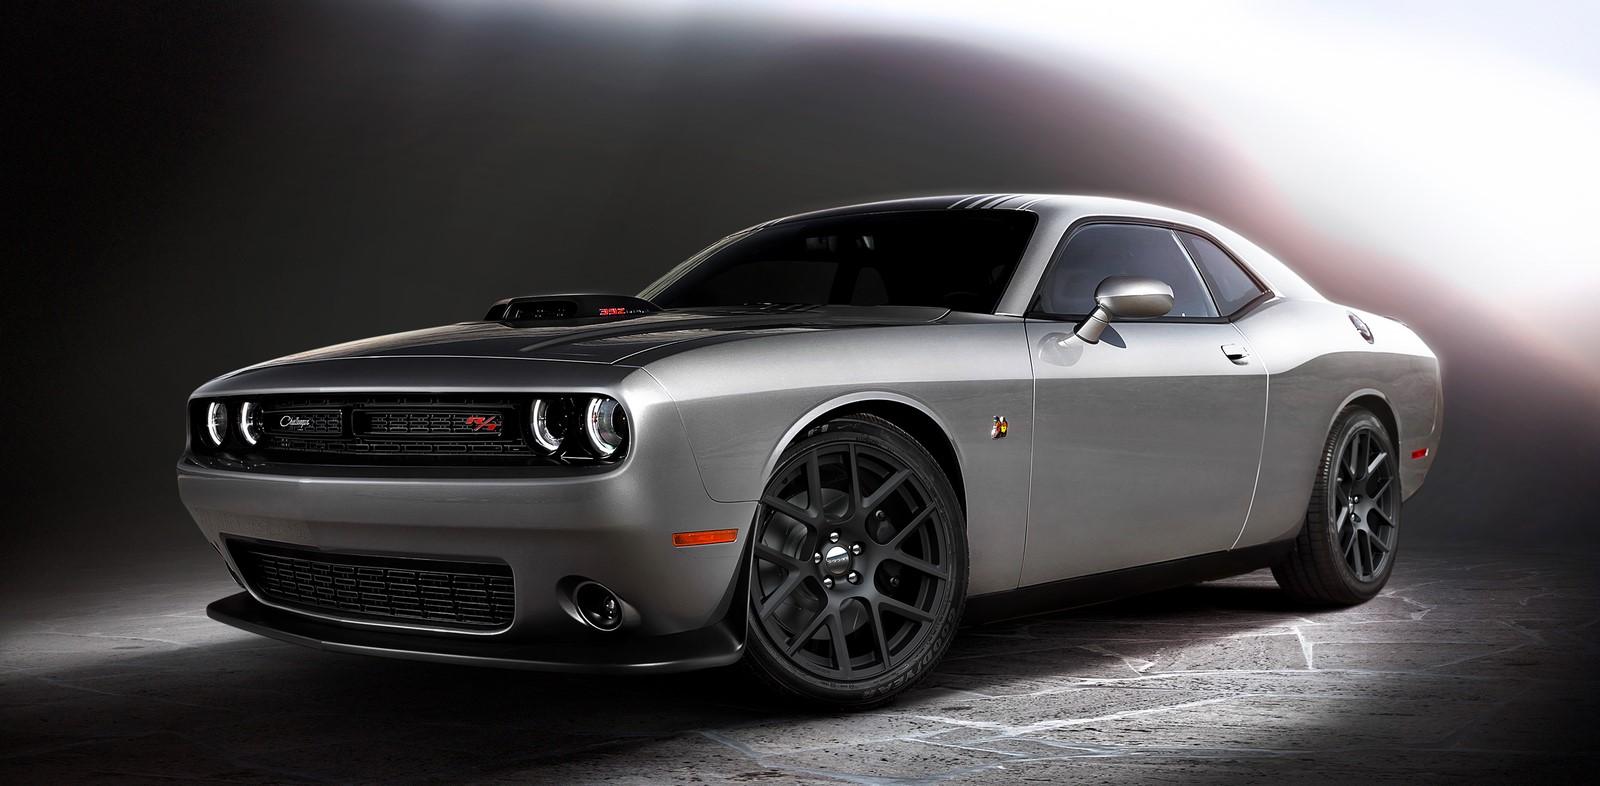 2015 Dodge Challenger Colors Html Autos Weblog